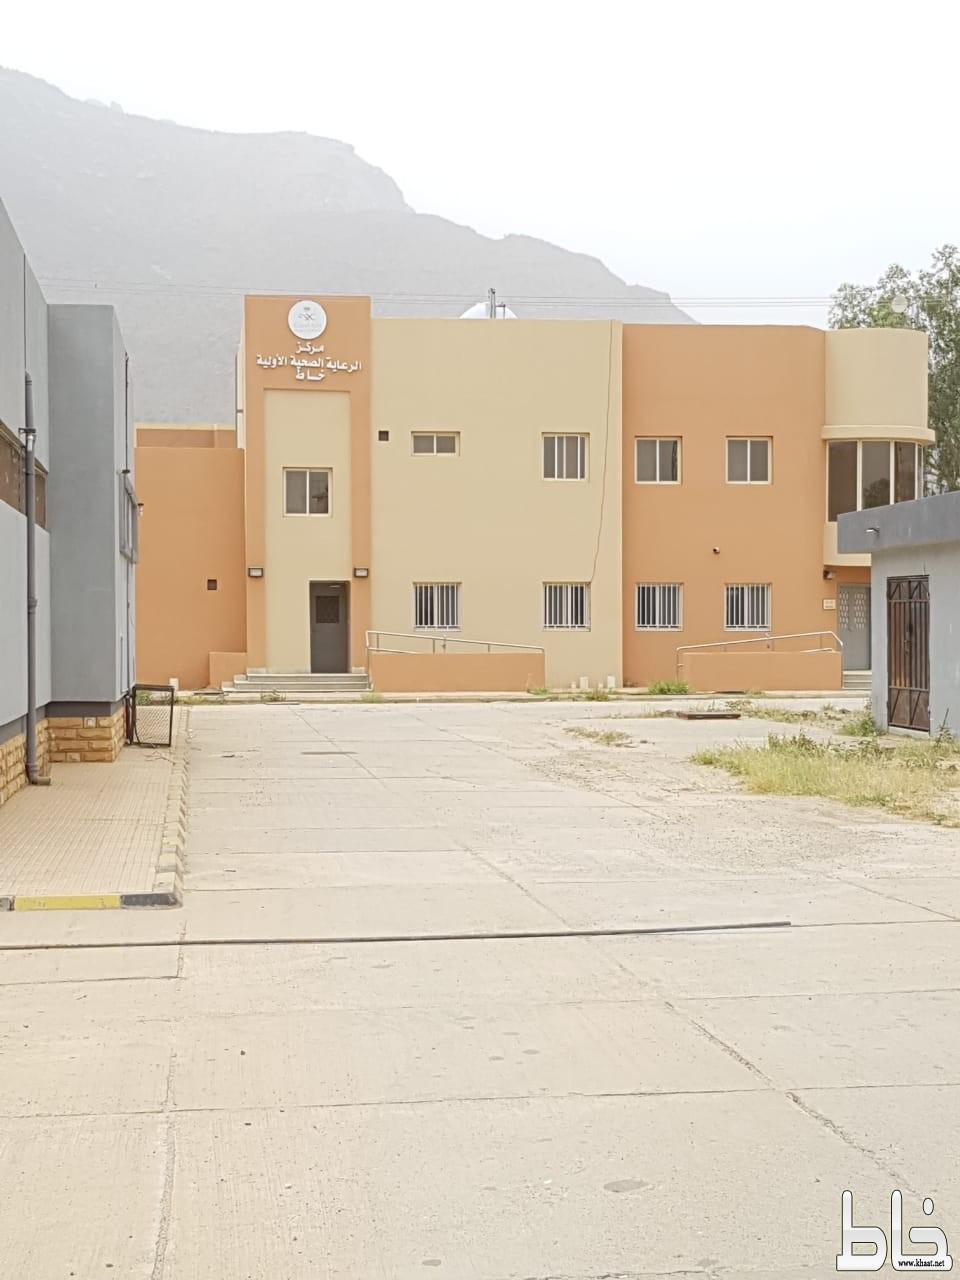 مبنى مركز صحي خـاط الجديد الجاهز منذ اكثر من عامين مهجور وعليل  ولازال العمل في المبني القديم المتهالك